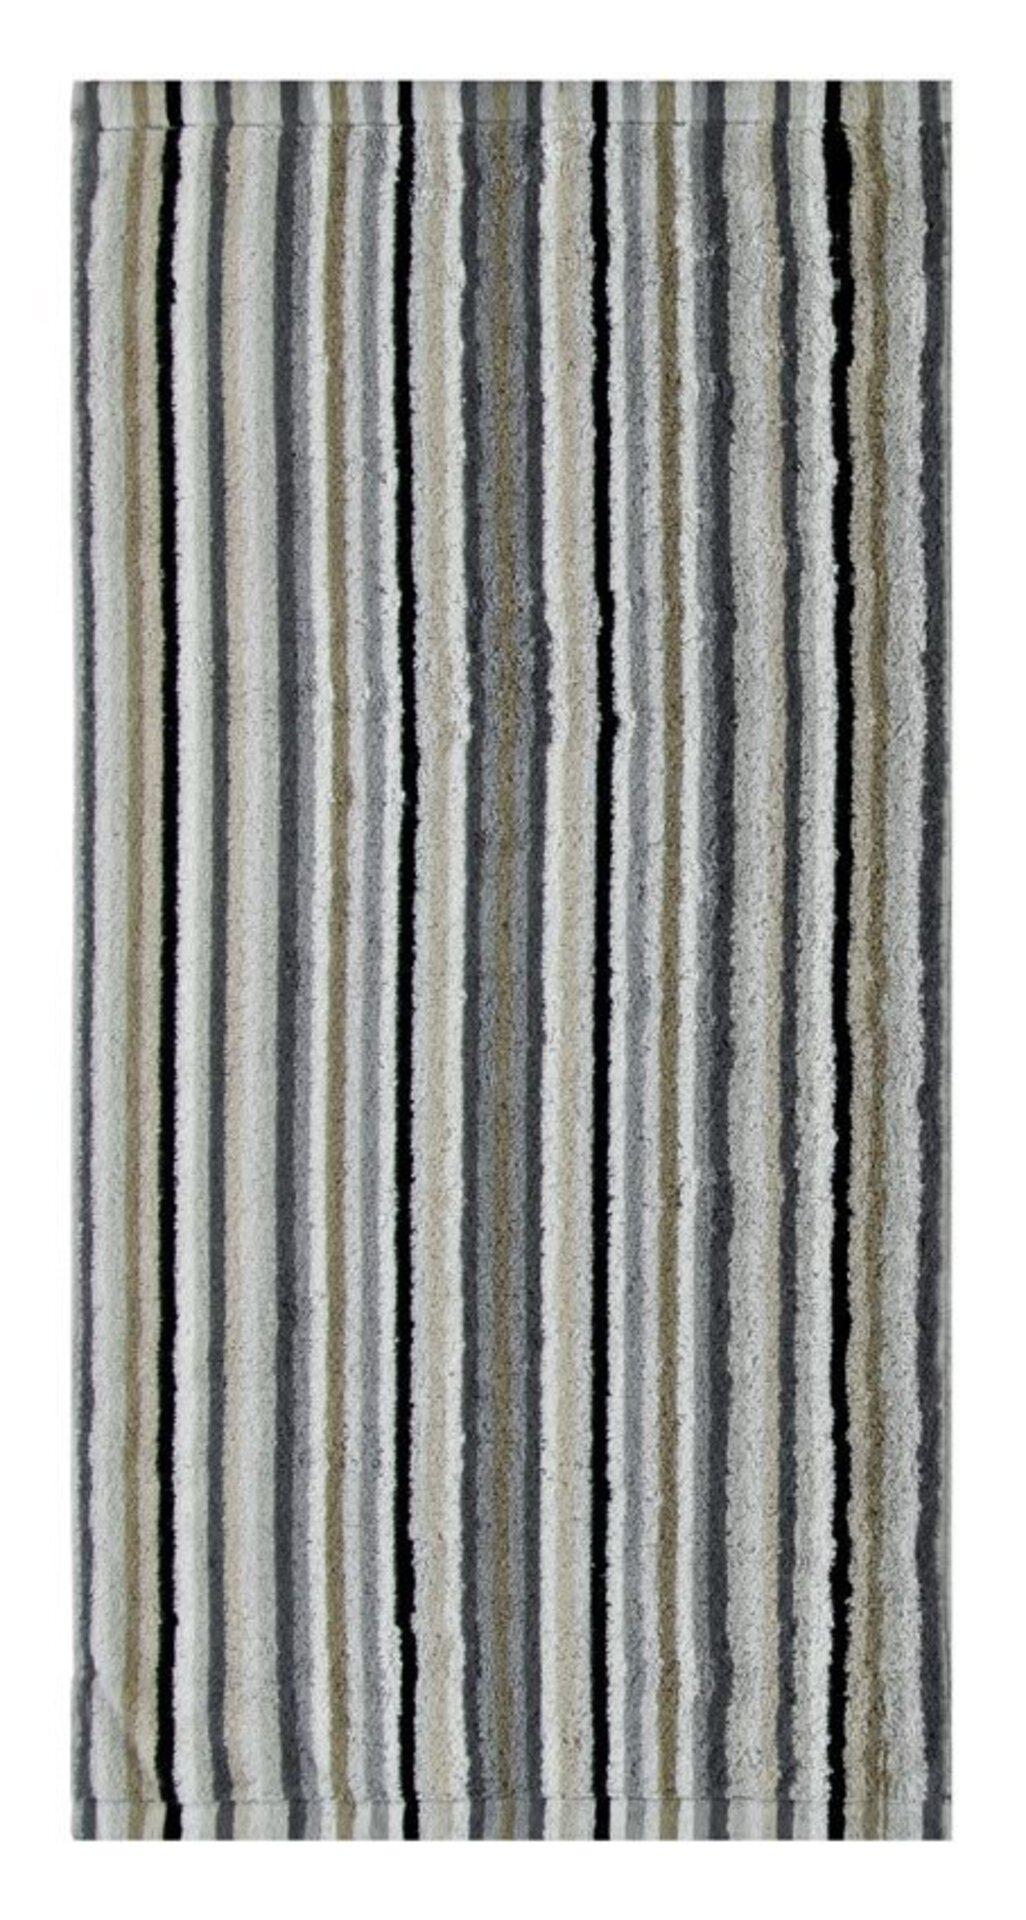 Duschtuch Lifestyle Cawö Textil 70 x 140 cm